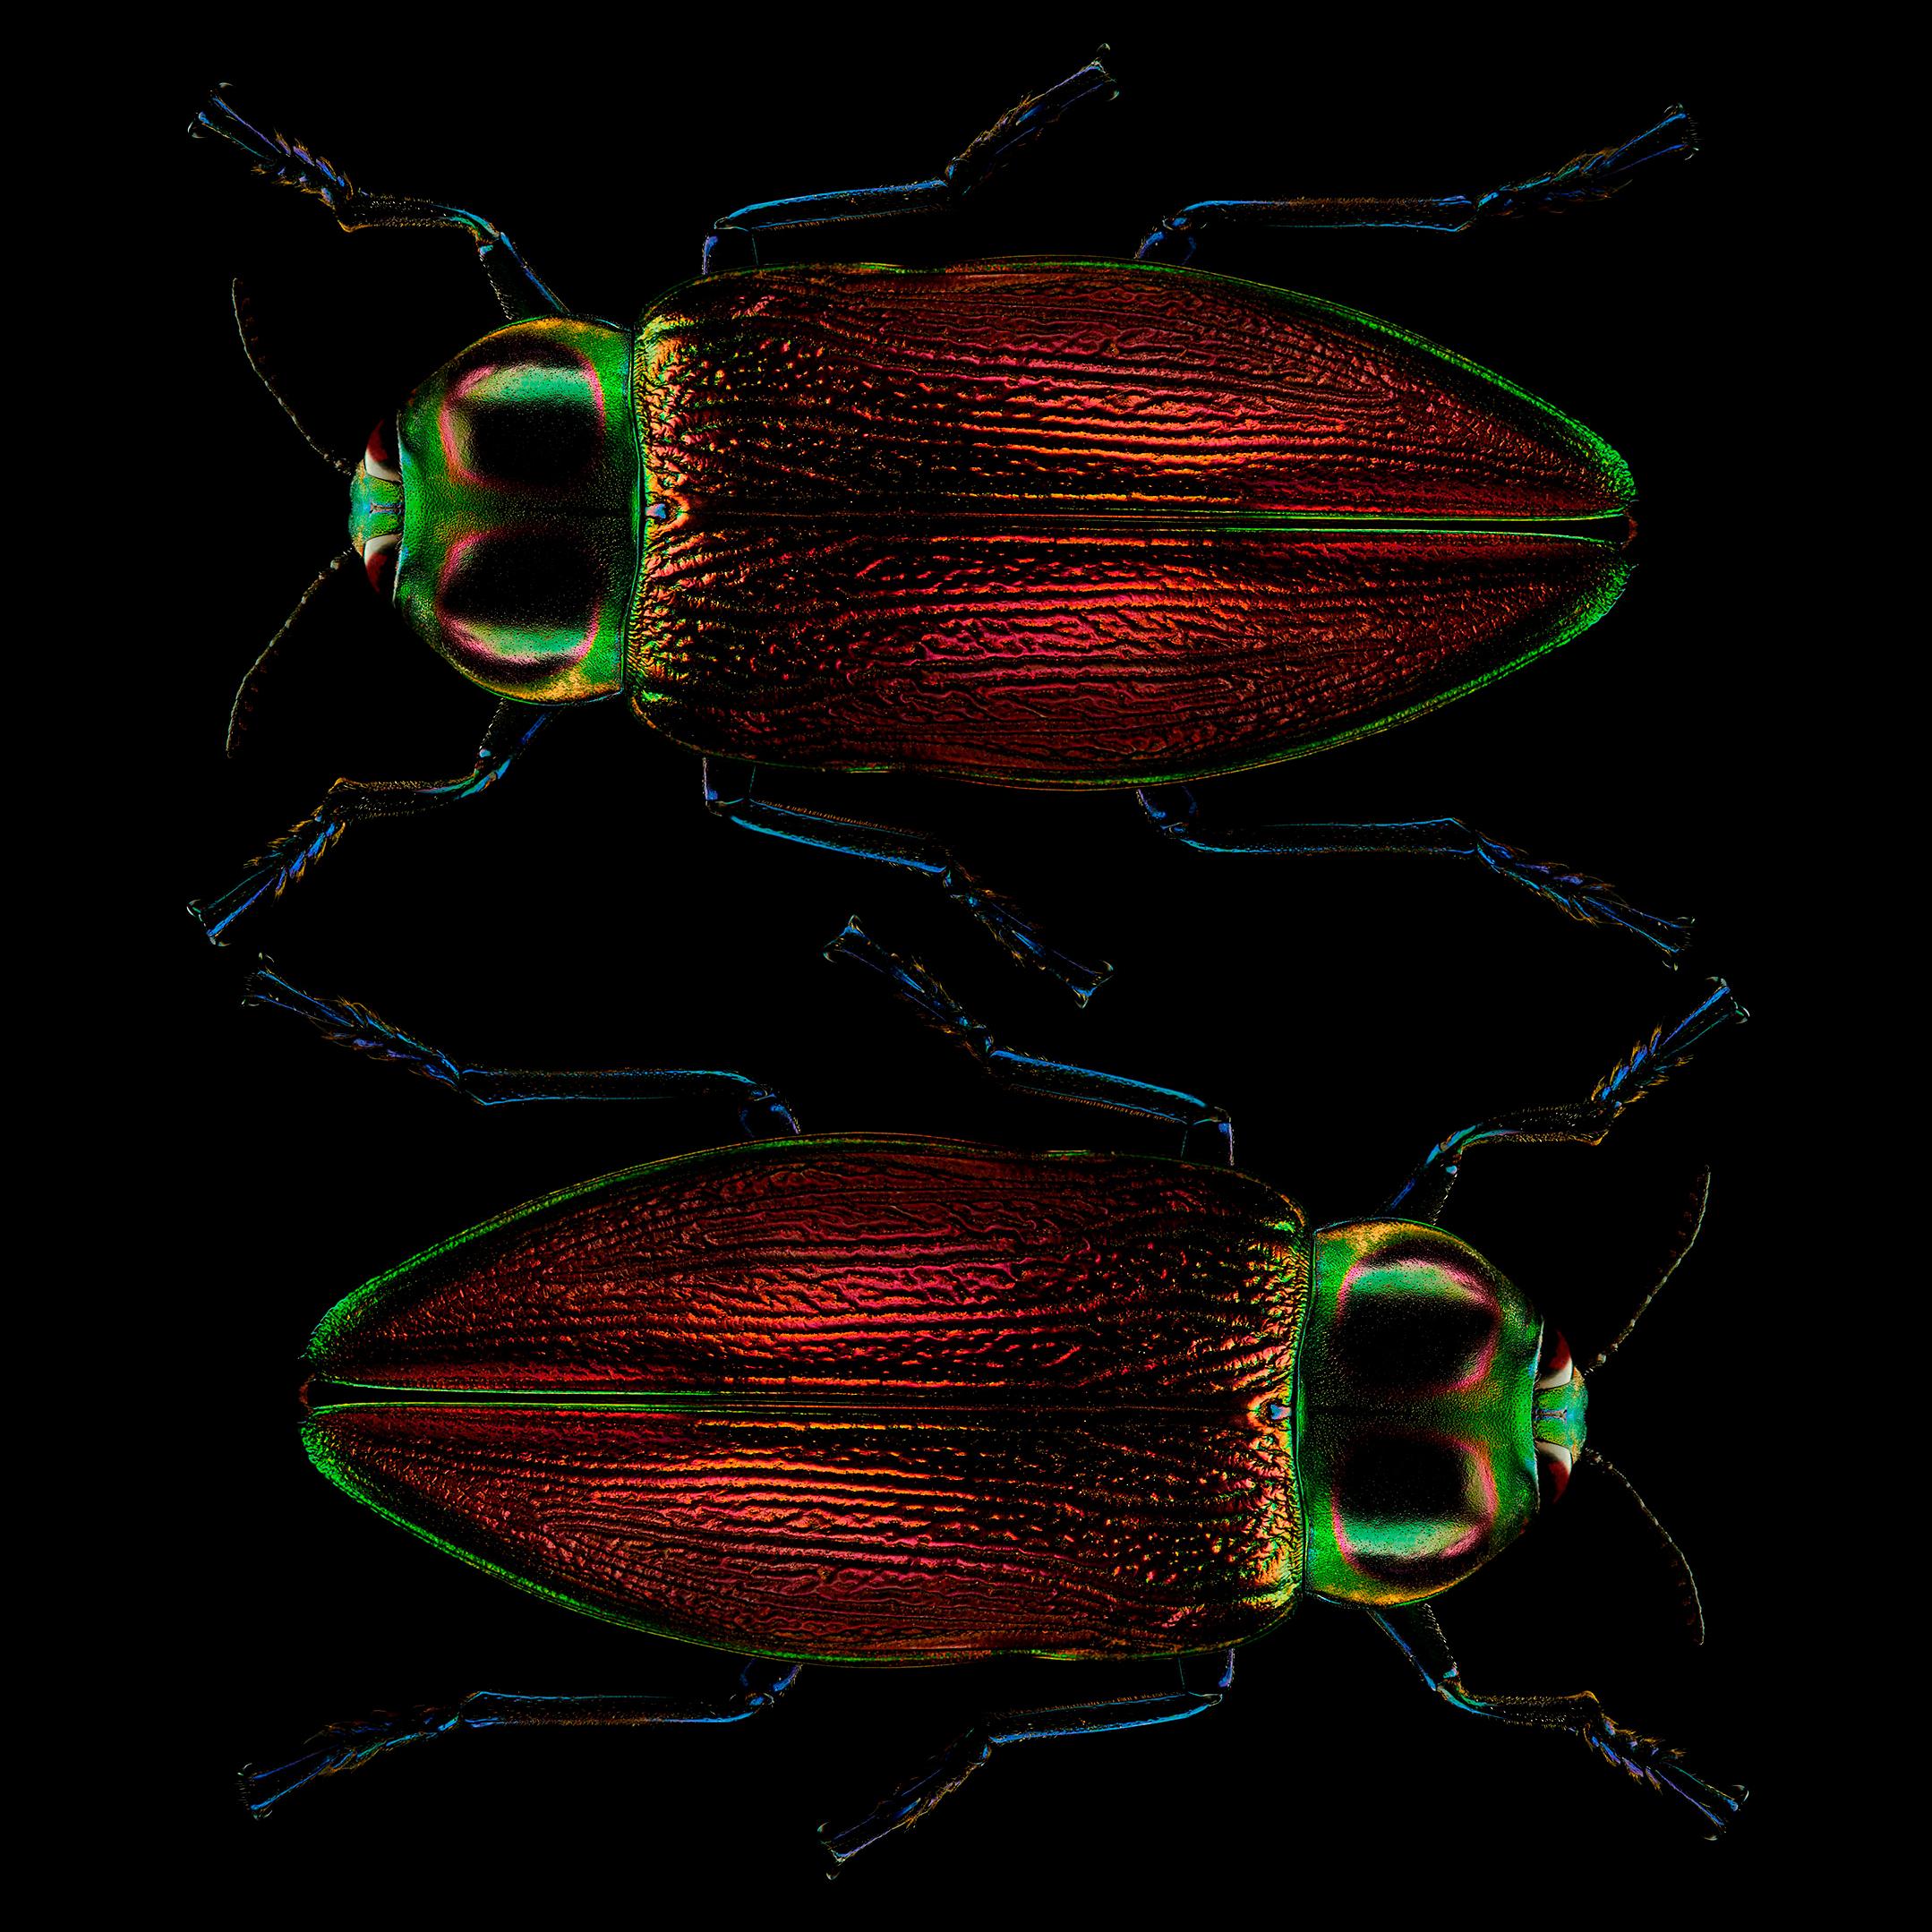 """<a href=""""//mrsteel.london/shop/giant-metallic-wood-boring-beetles-pair-by-mr-steel"""">REVEAL DETAILS / BUY</a>"""